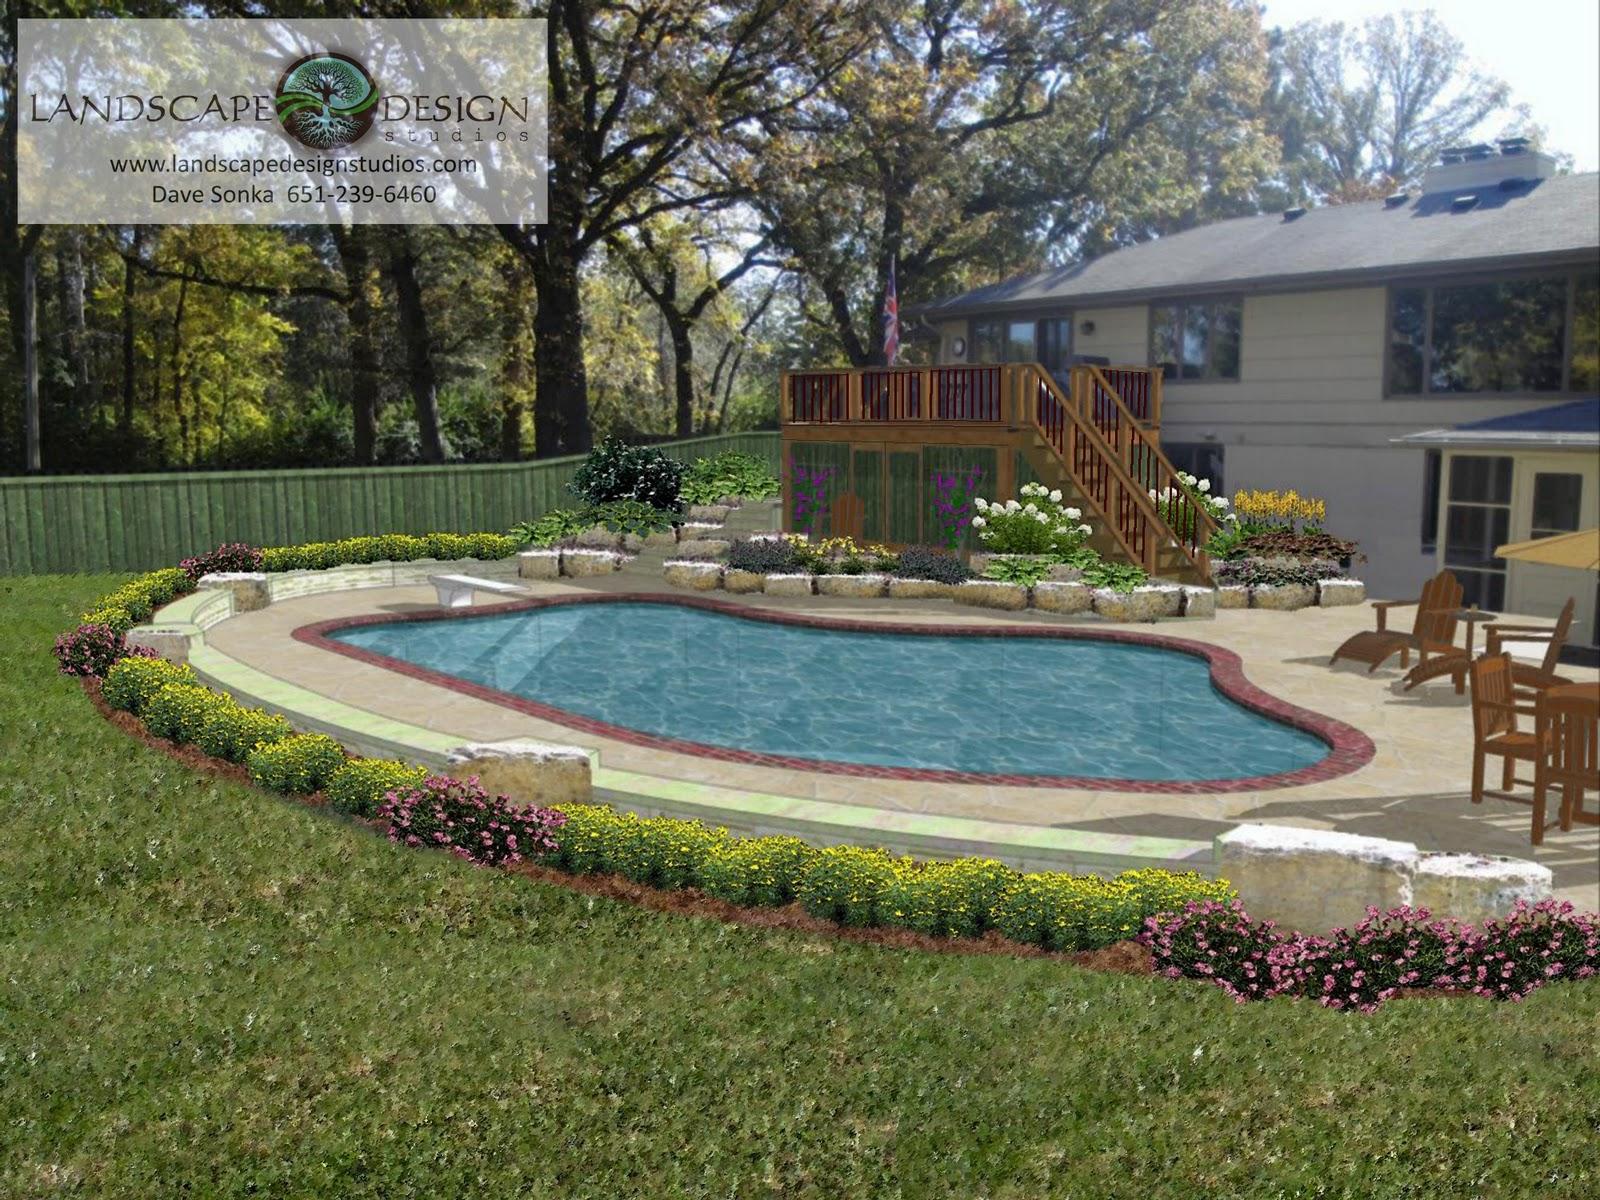 26 Lastest Swimming Pools Landscaping - pixelmari.com